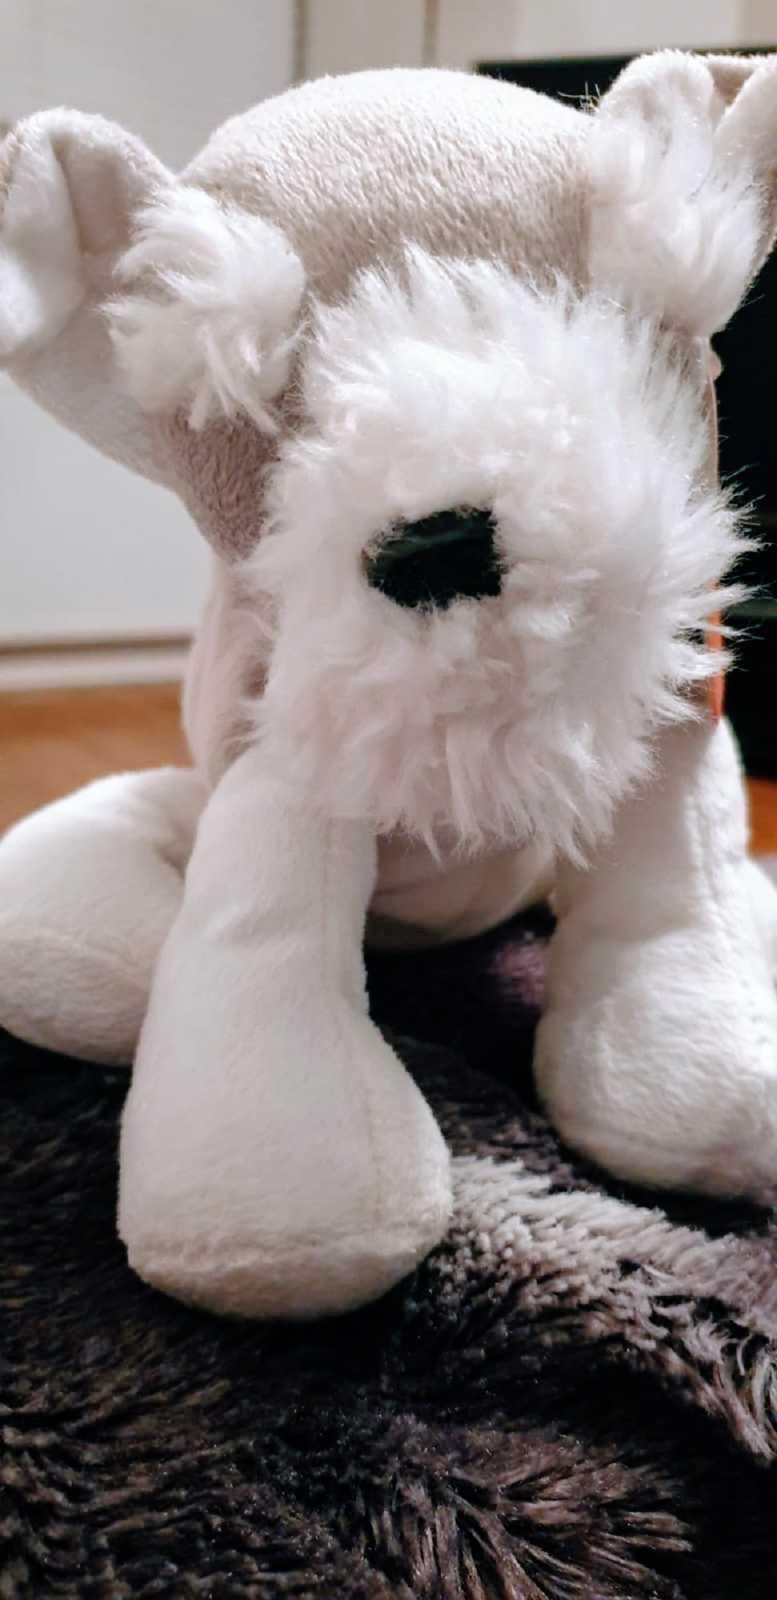 A fluffy white toy dog